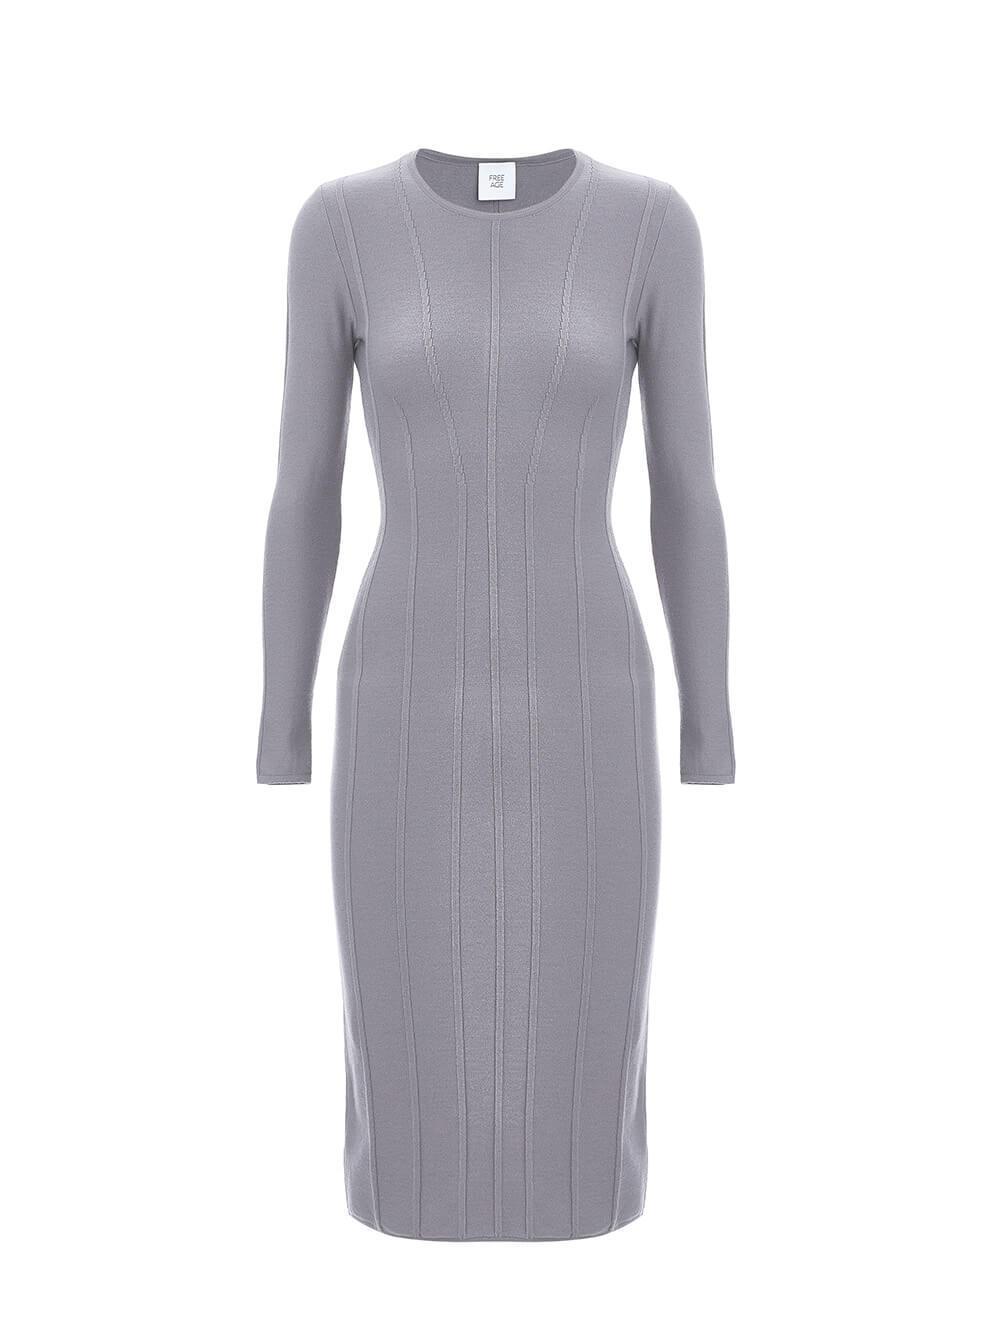 Женское платье серого цвета из шерсти - фото 1